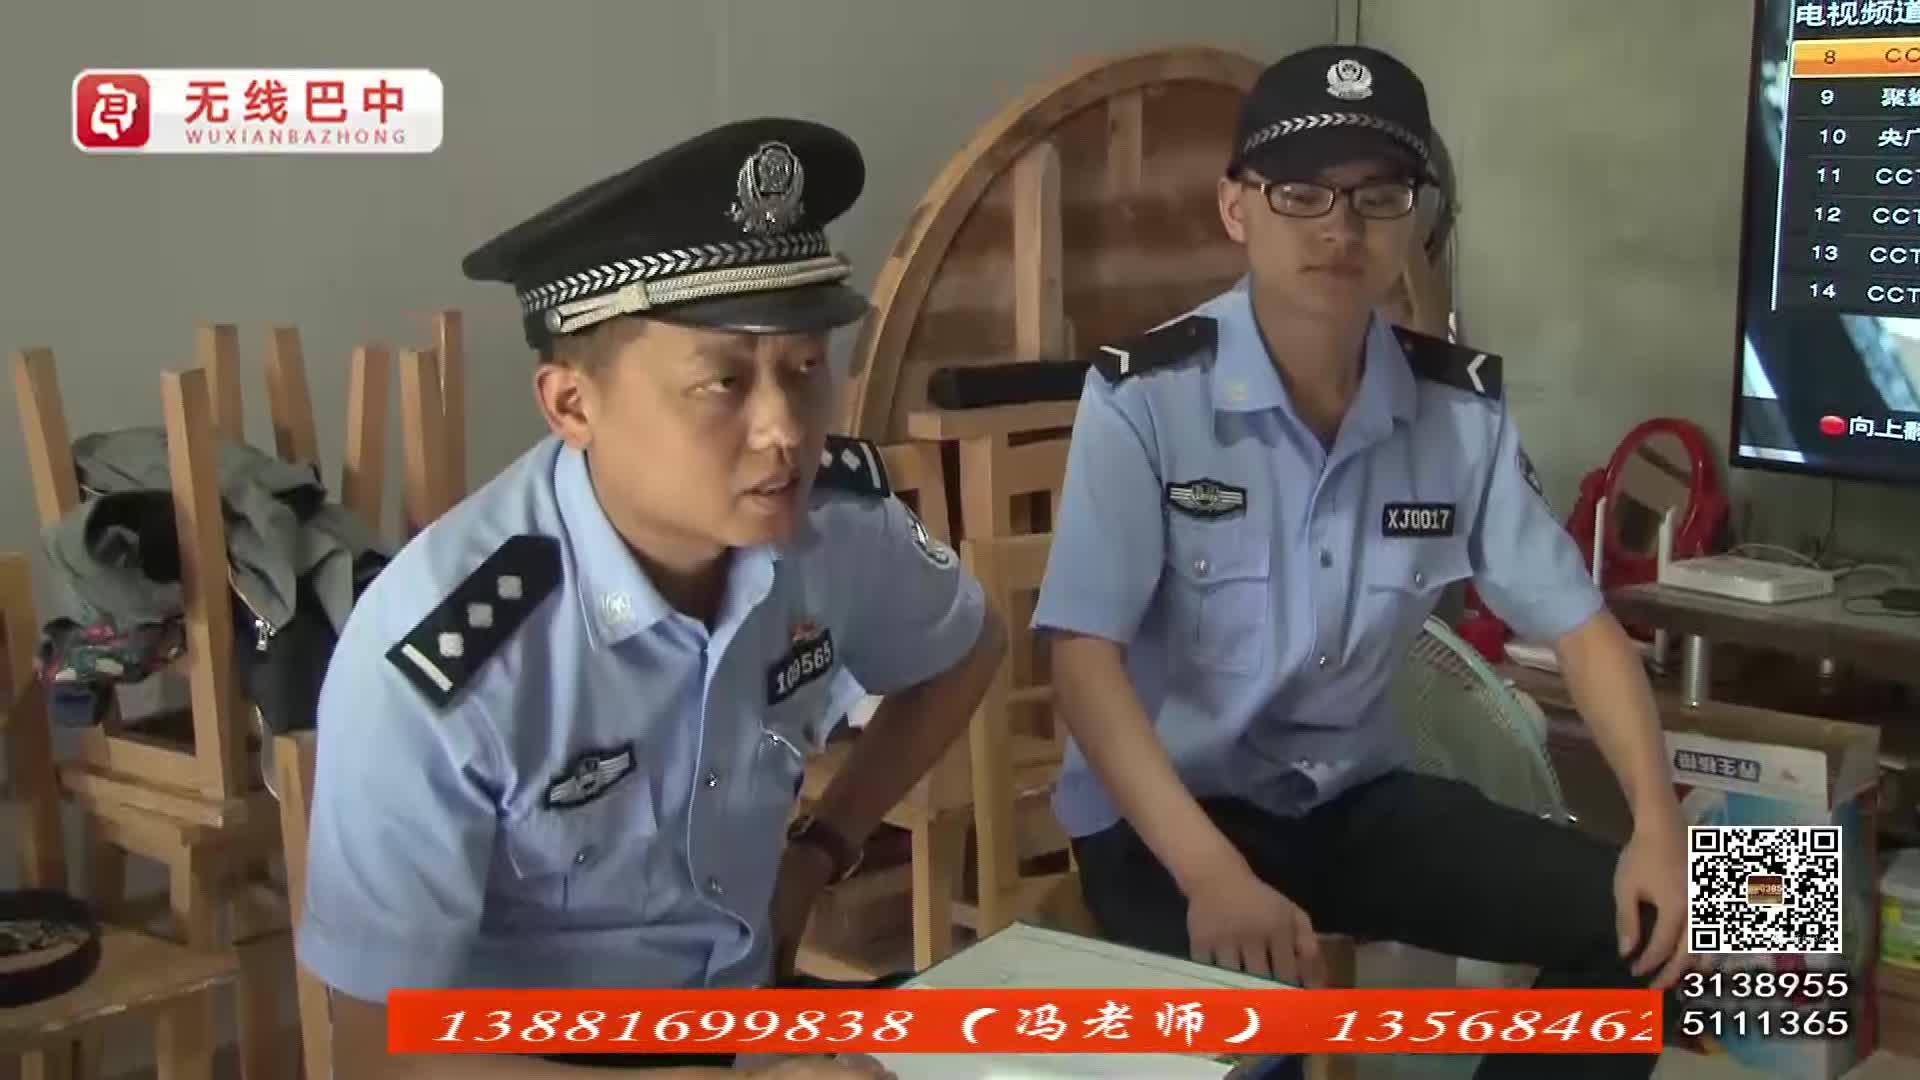 恩陽:男子網戀帶回外籍女 涉嫌非法入境被拘留審查